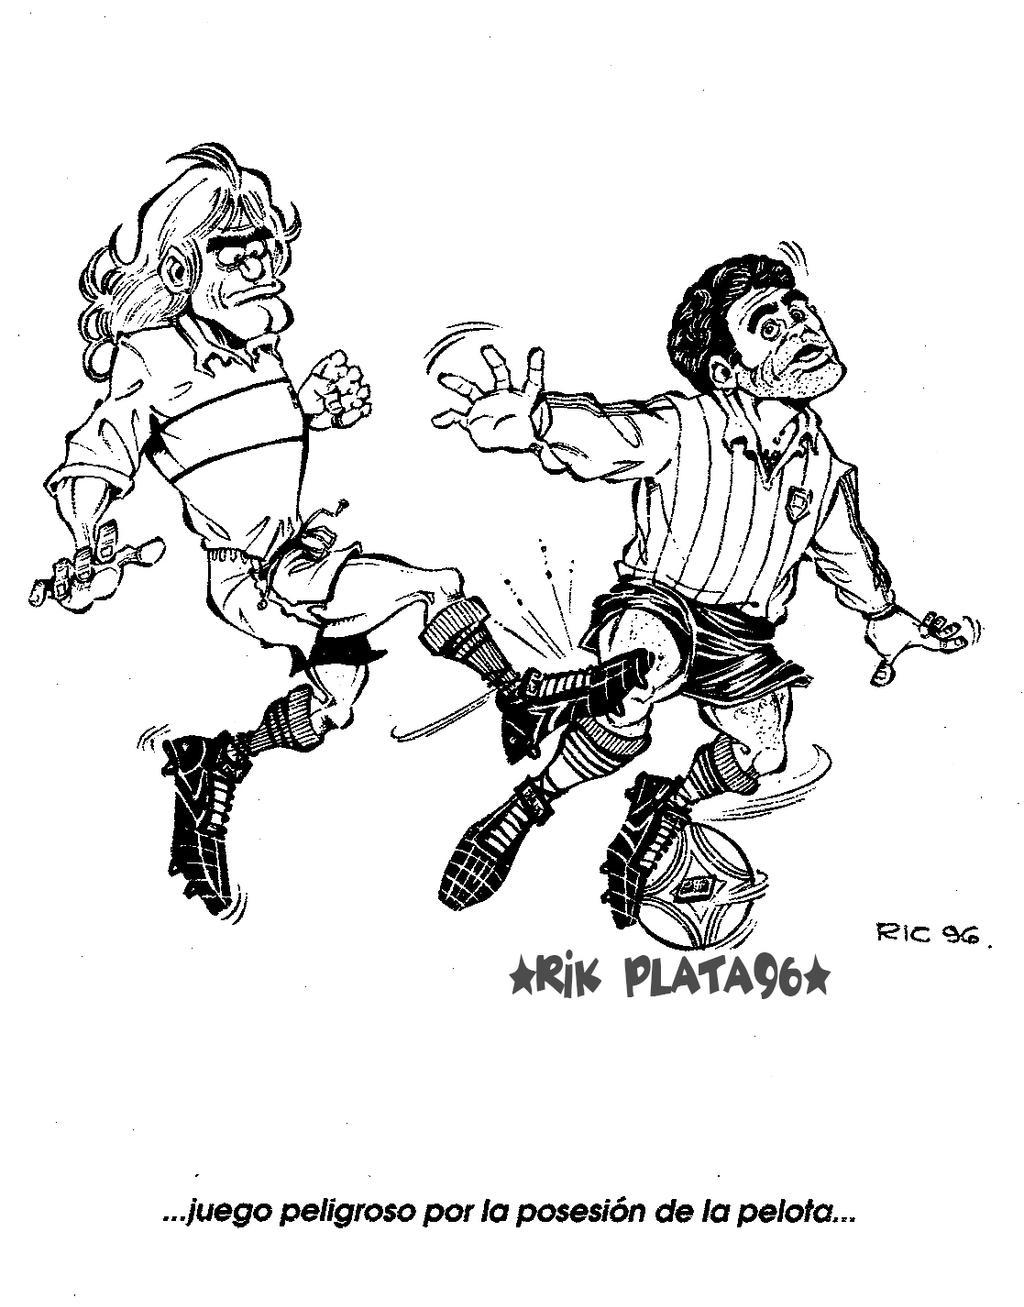 JUEGO PELIGROSO by ricplata